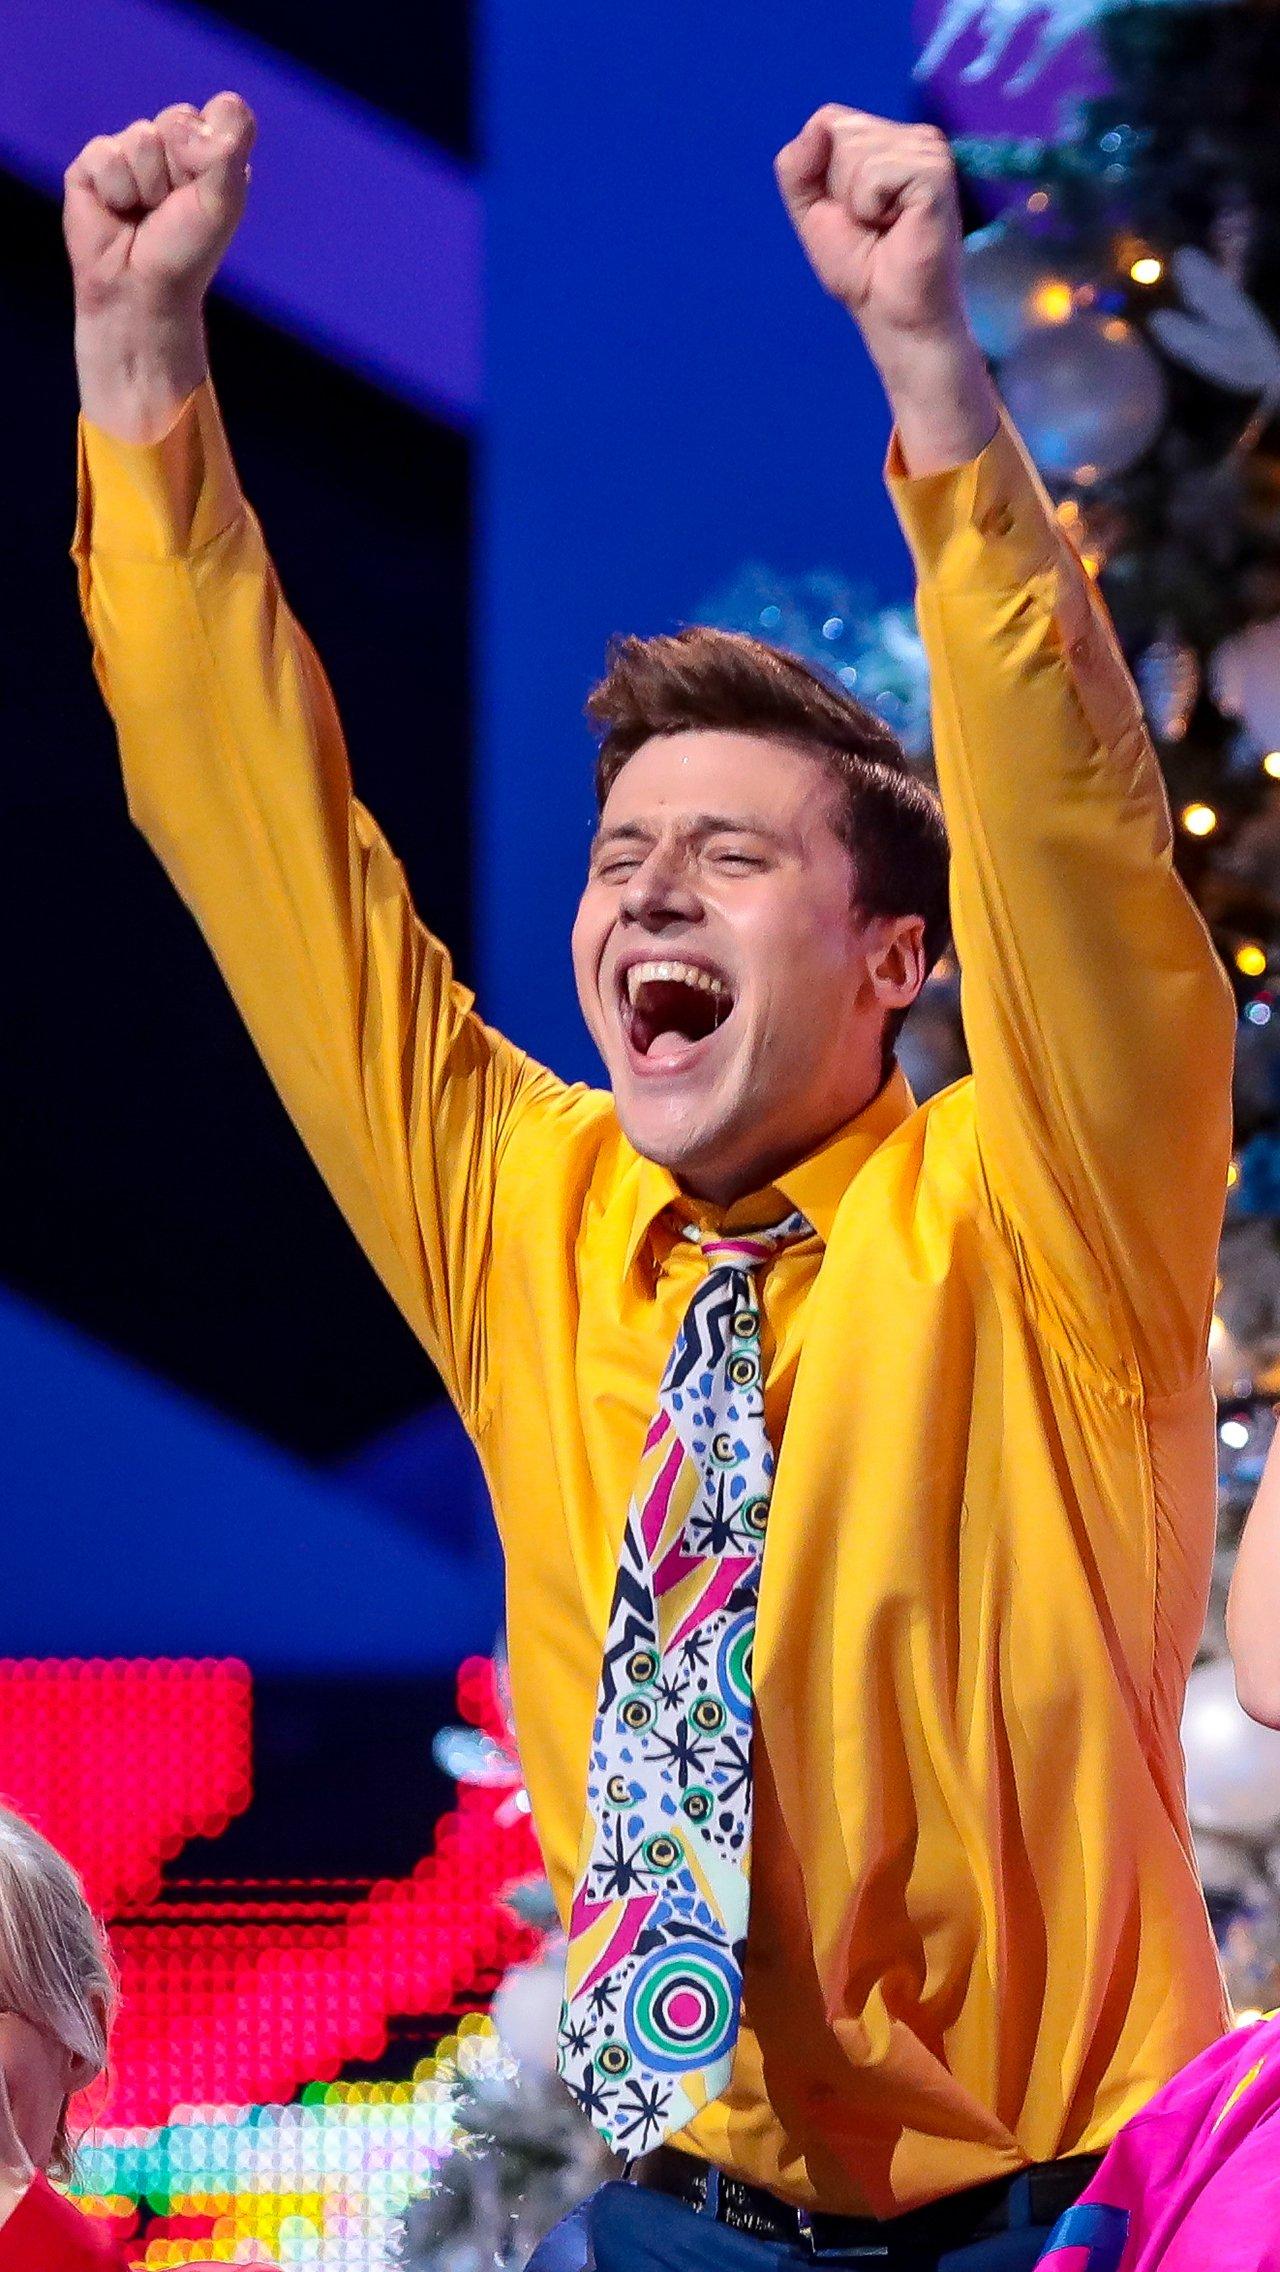 Призёр Олимпийских игр Александр Энберт прославился уже после завершения карьеры.